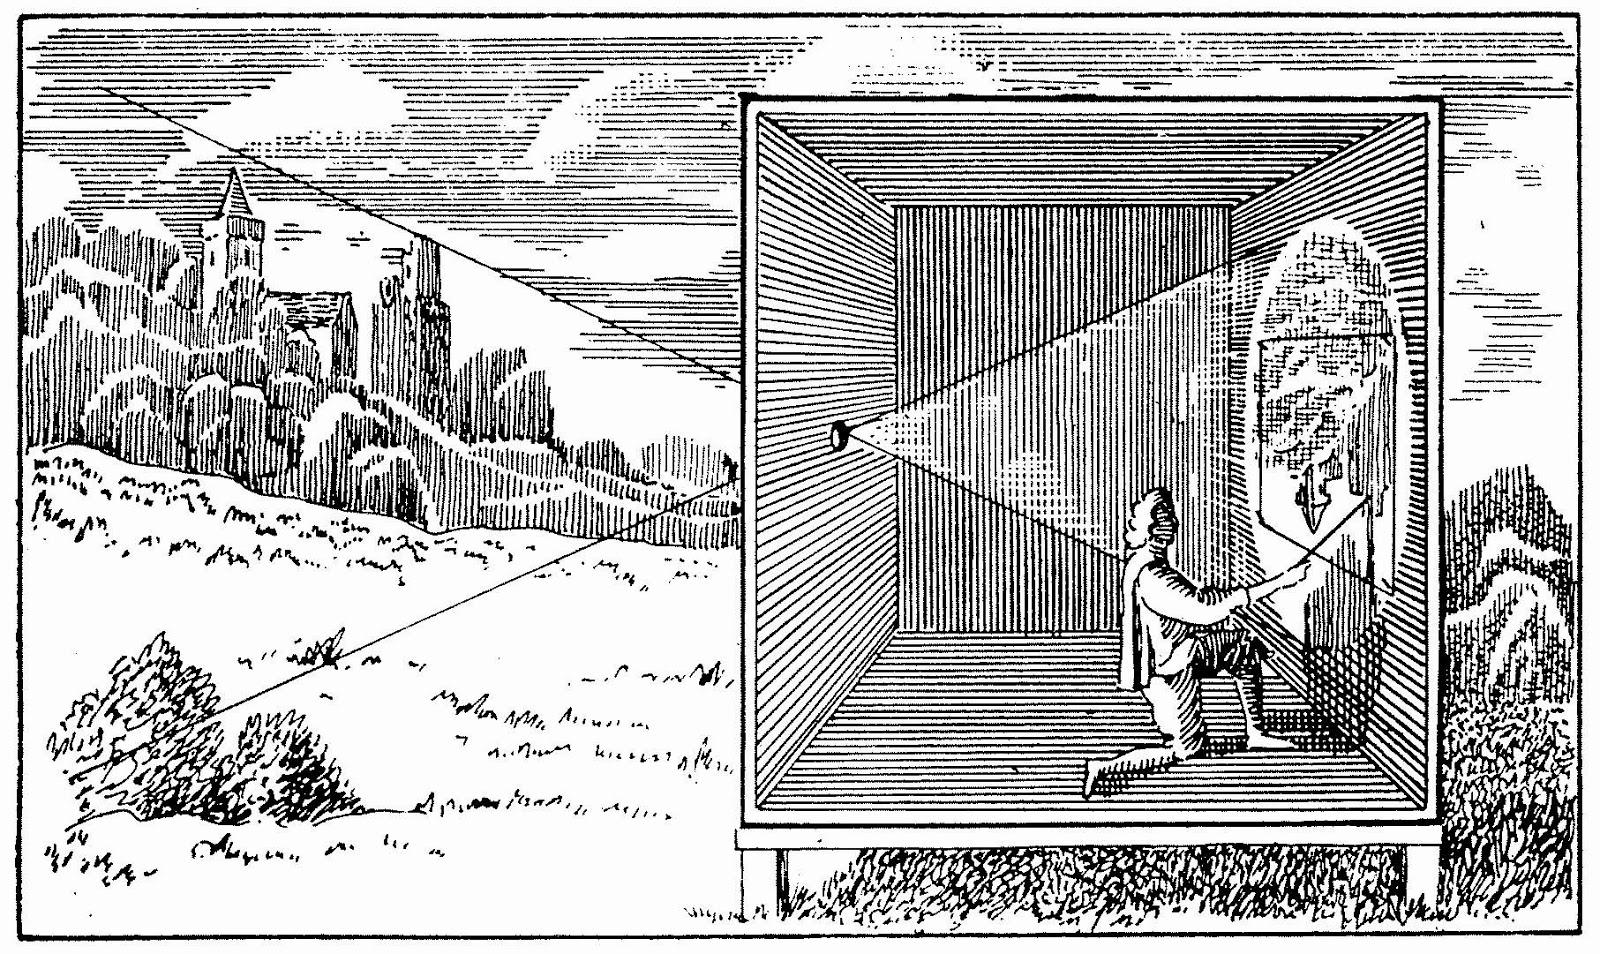 Terbentuknya Gambar Perspektif notepedia